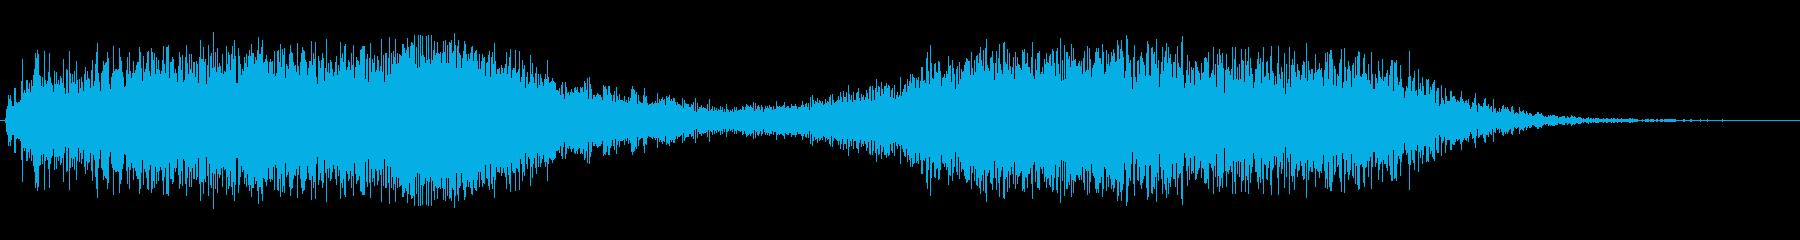 キラキラ(アップダウン)の再生済みの波形